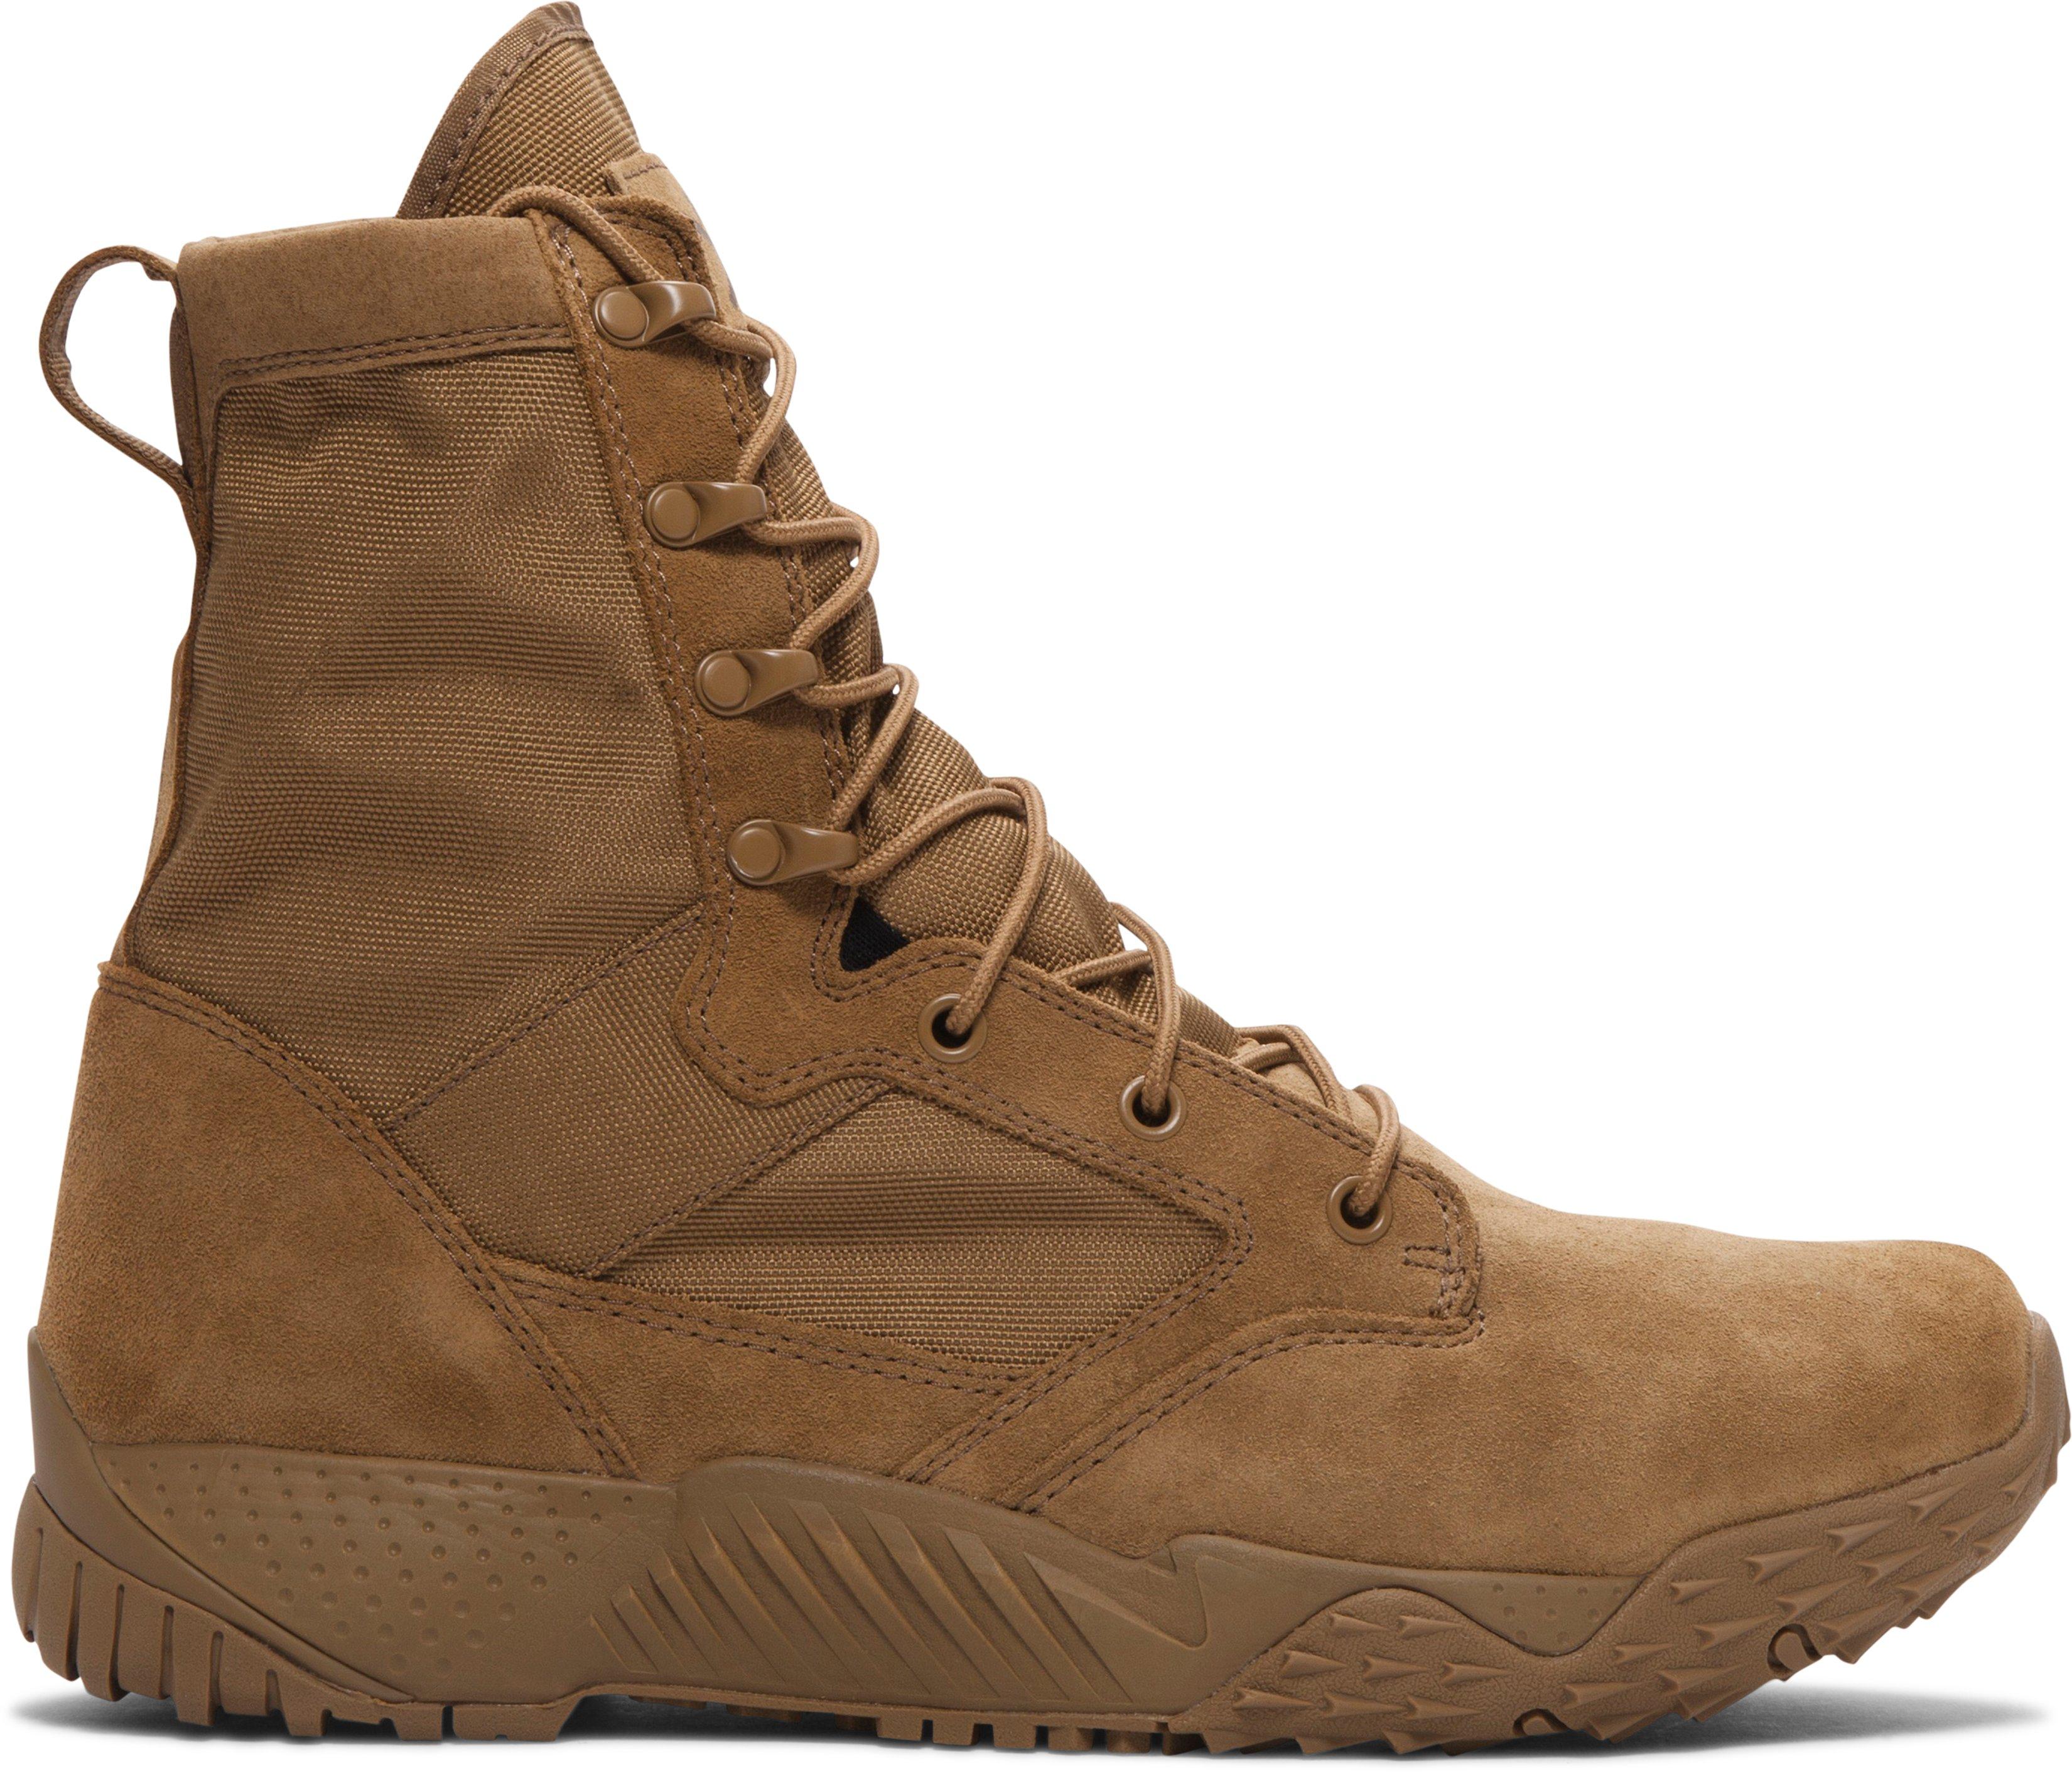 Sepatu Boot UA Jungle Rat untuk Pria, 360 degree view